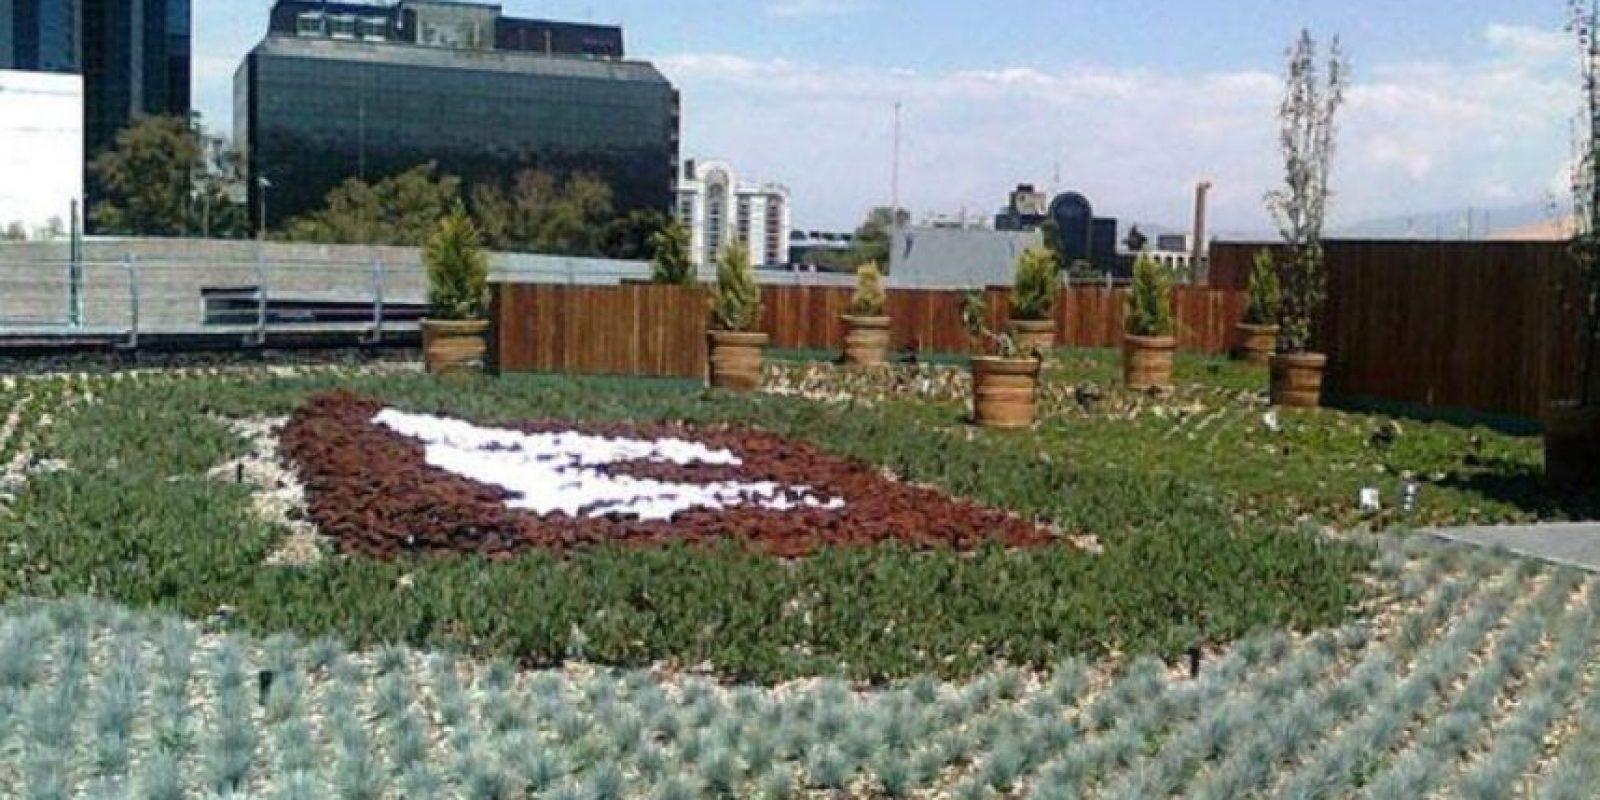 La azotea verde más grande de América Latina. Foto:Vía twitter.com/CapitalMexico